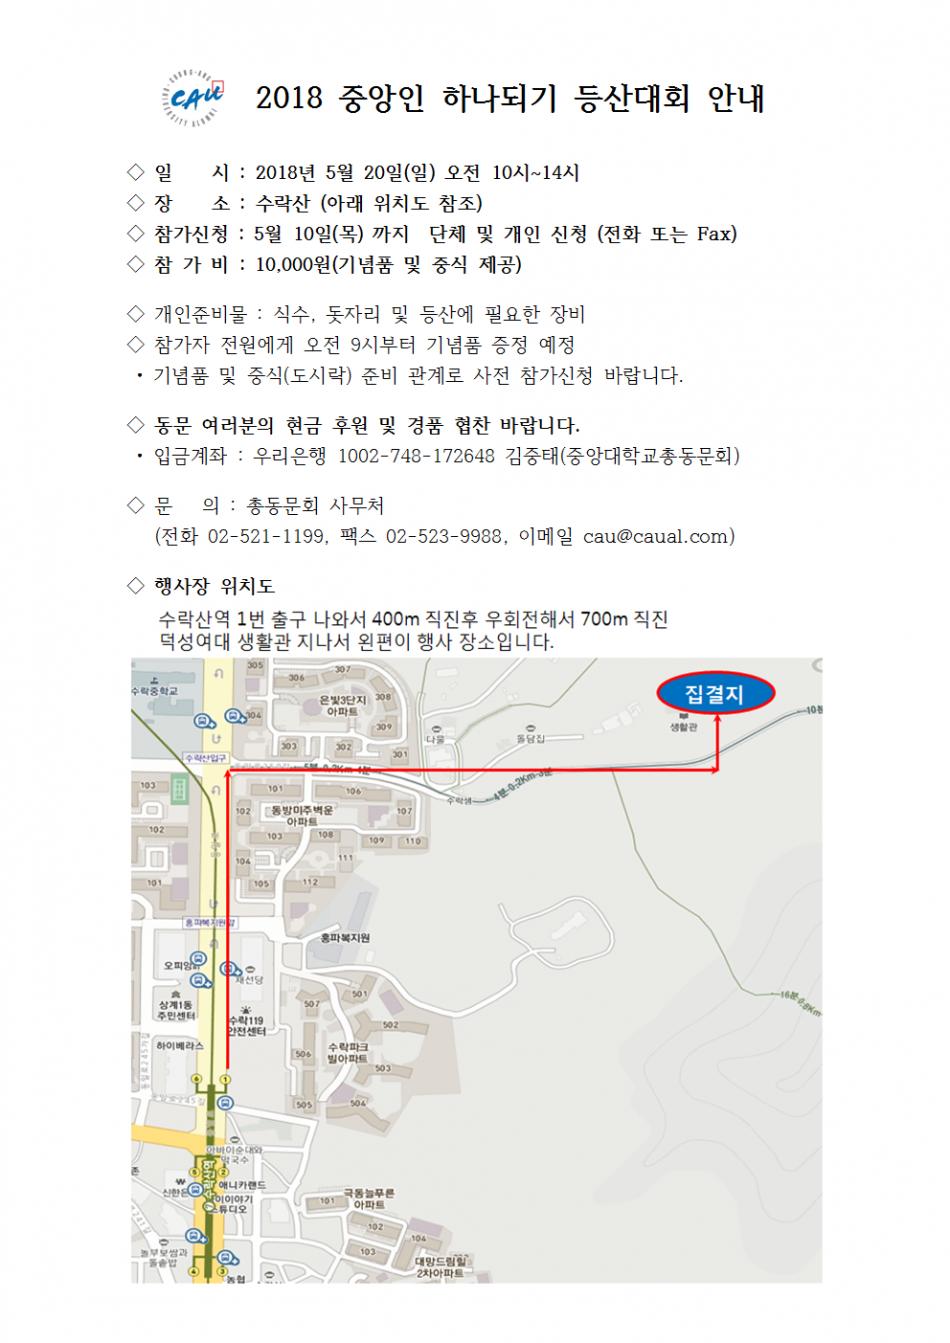 2018 중앙인 하나되기 등산대회 안내문001.png